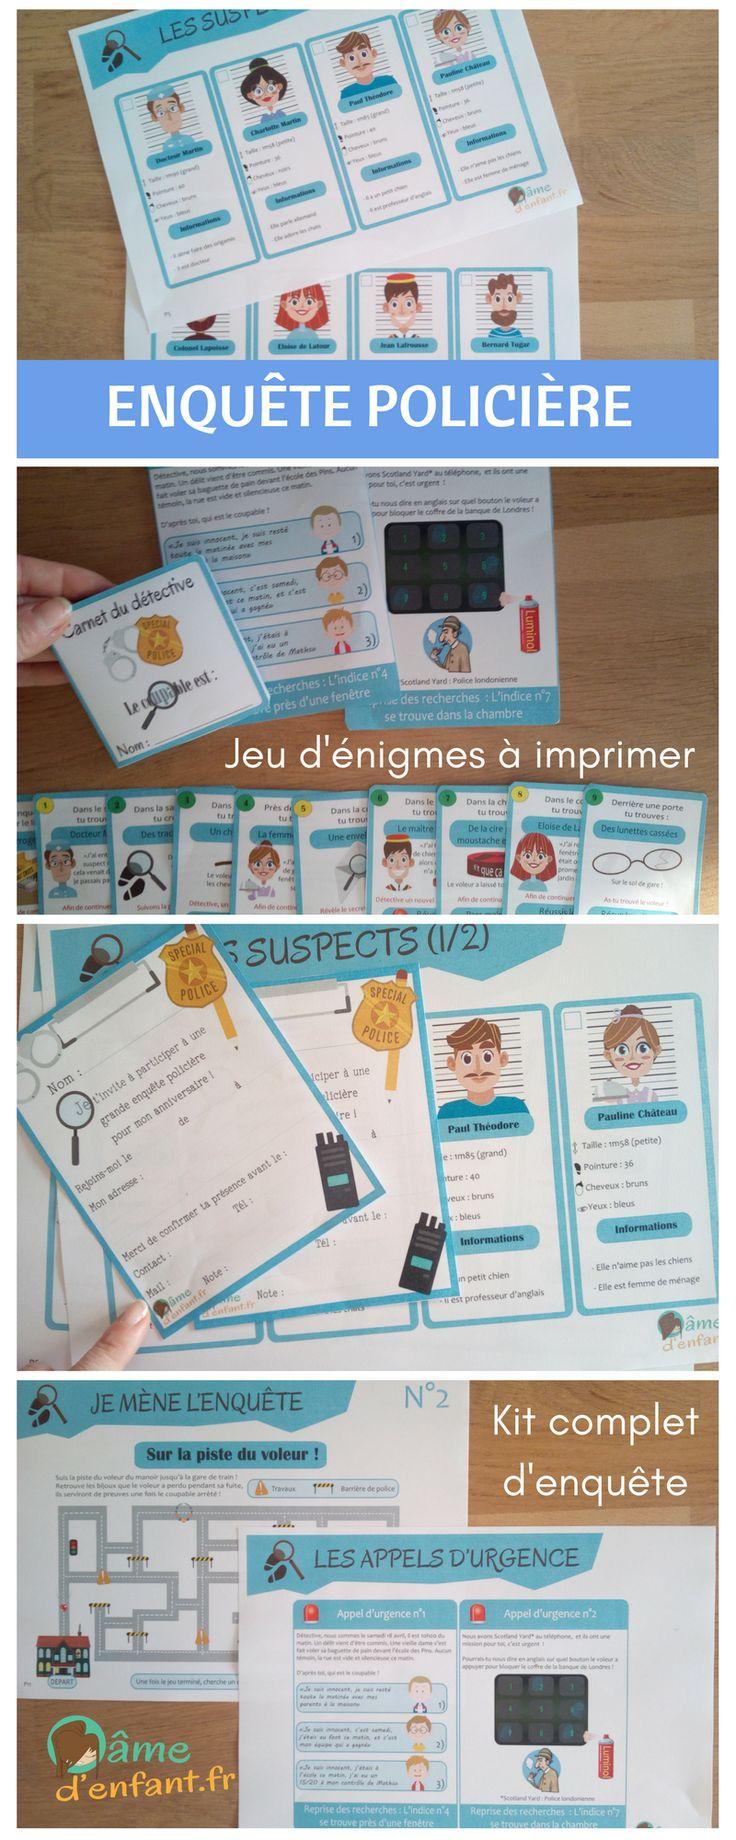 Kit complet d'enquête policière à imprimer pour enfant à partir de 7 ans - Anniversaire / Goûter / Loisirs en famille / Activités enfant